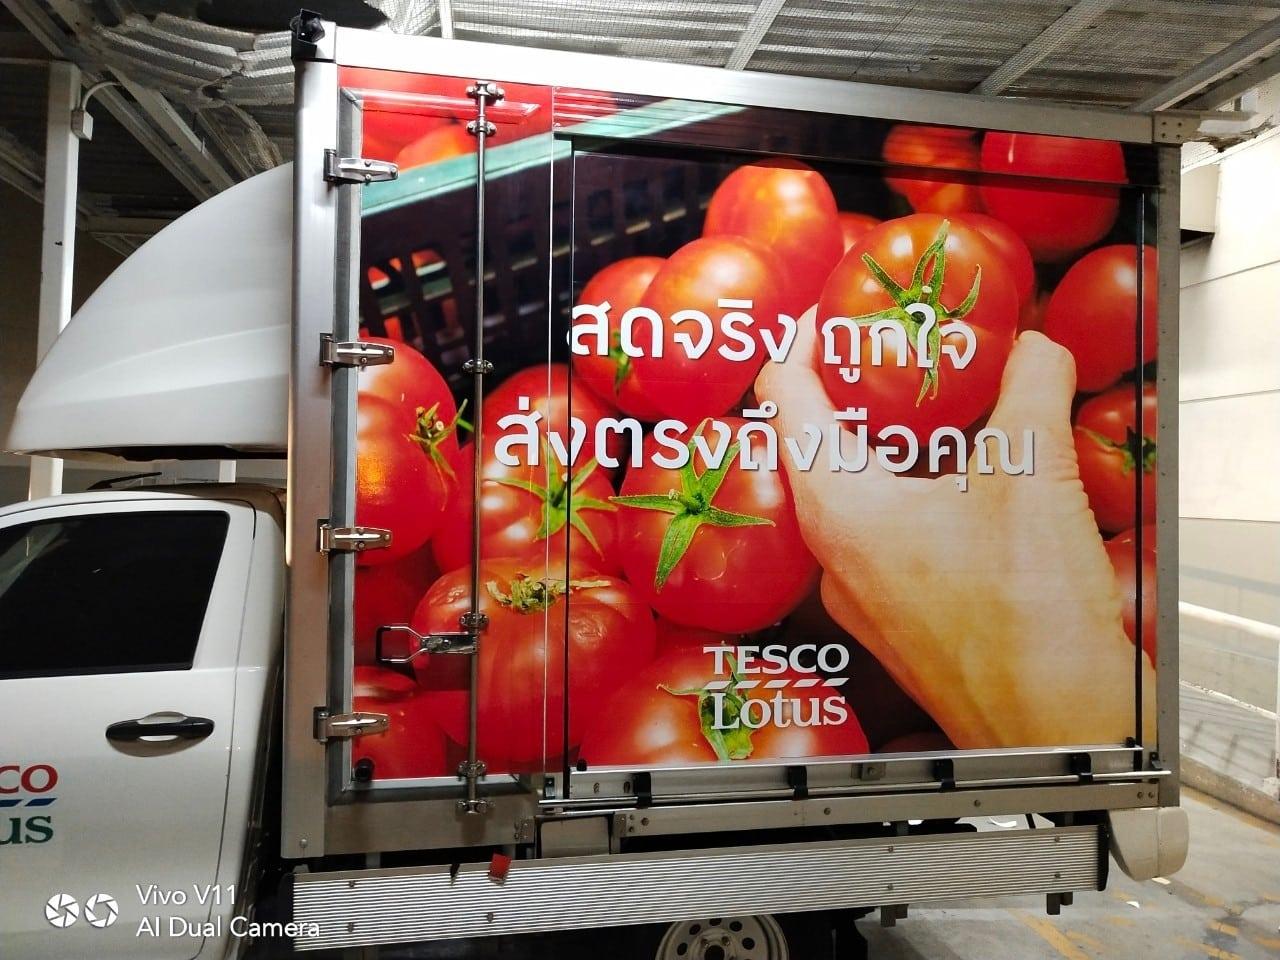 รูป Sticker Van 2020 38 - ประกอบเนื้อหา สติ๊กเกอร์โฆษณาติดรถ